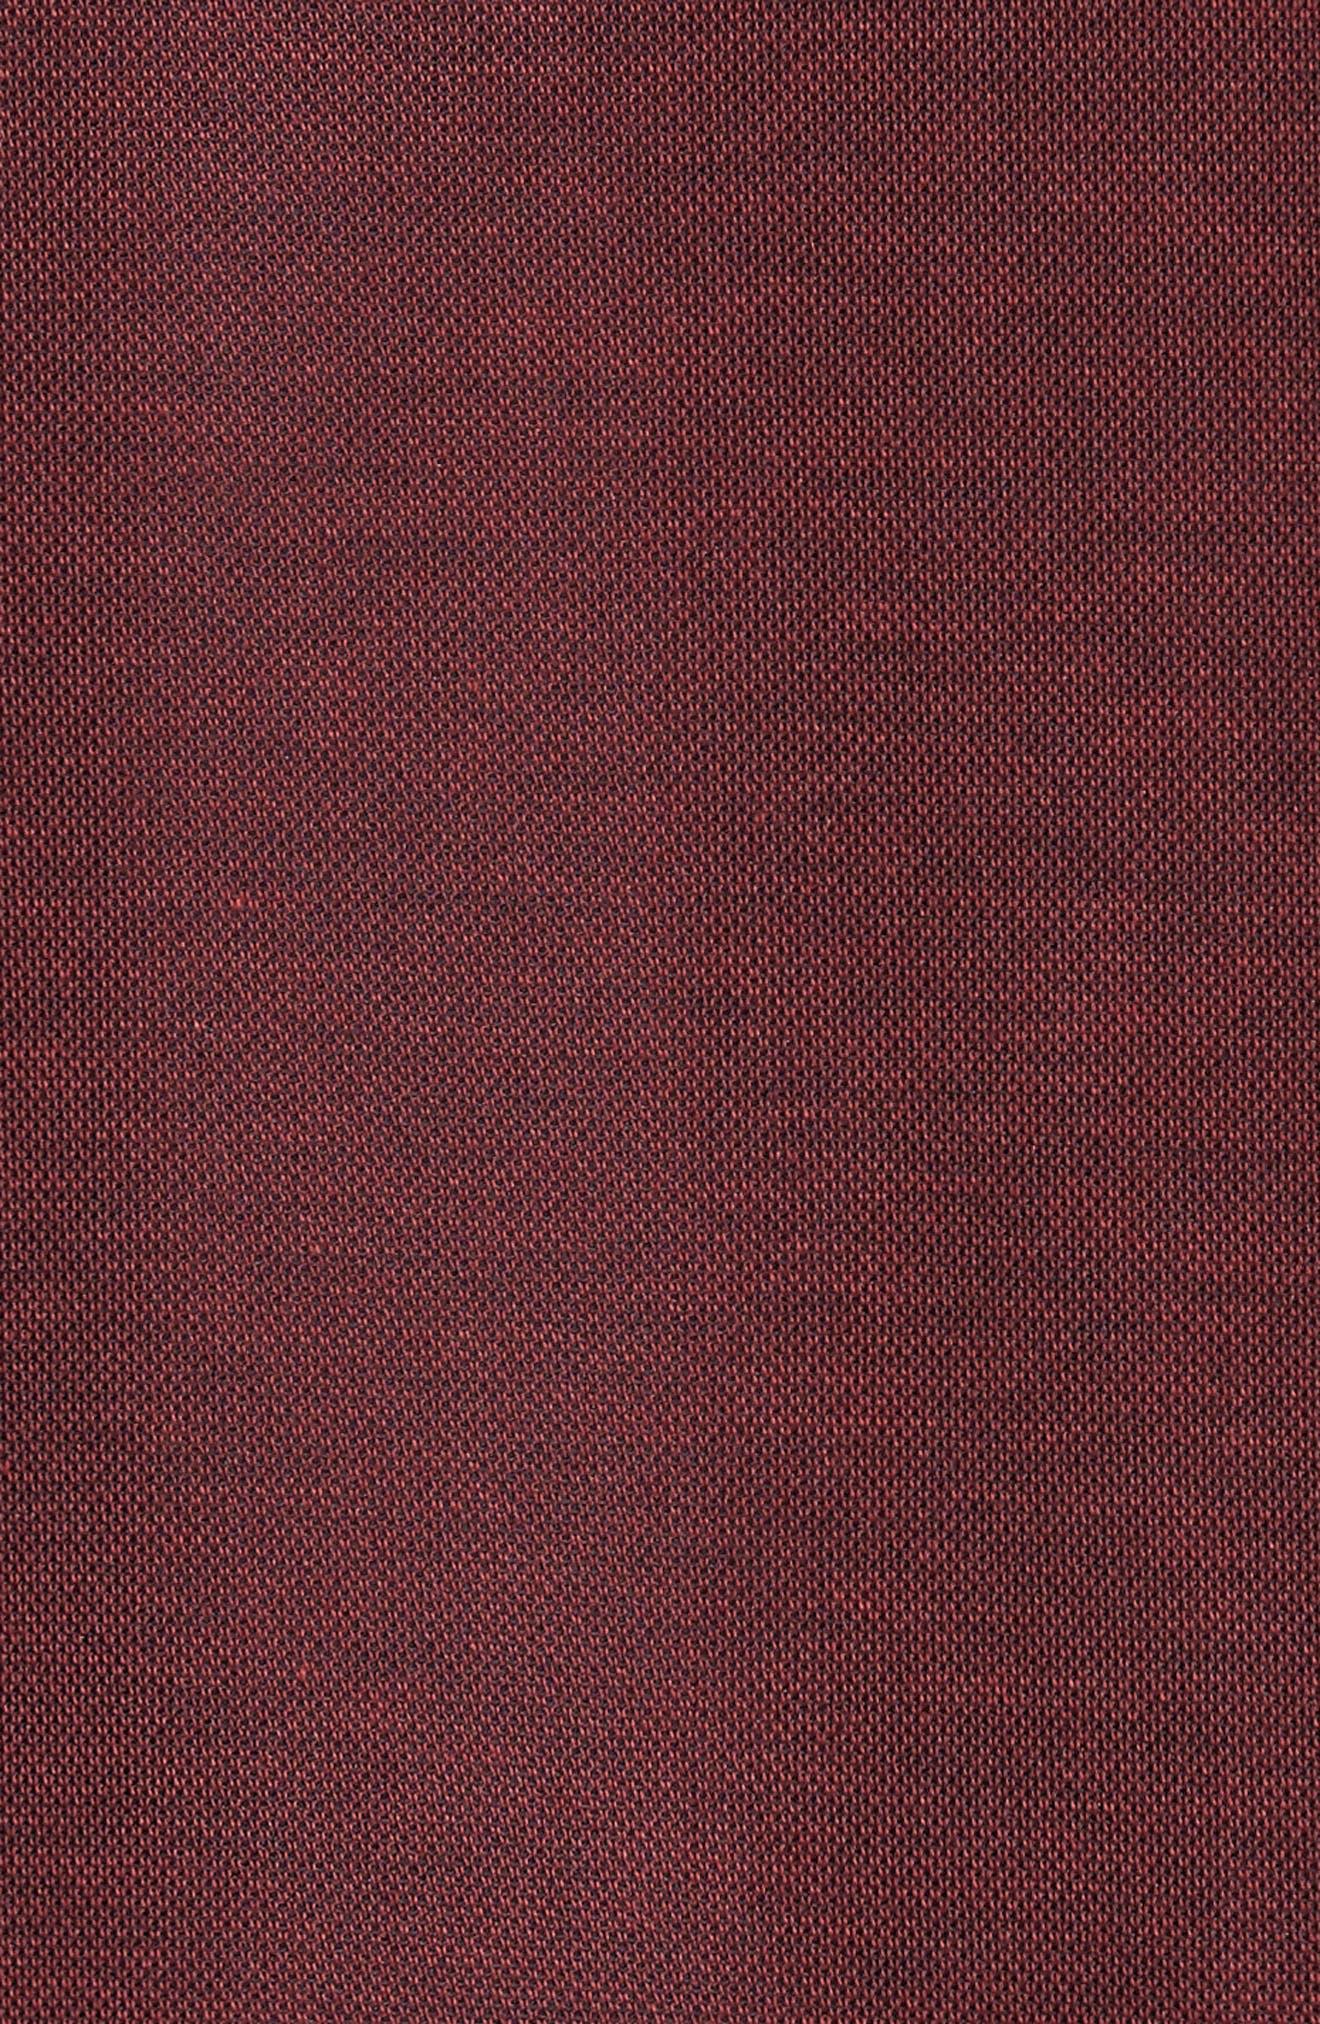 K-Lew Piqué Polo,                             Alternate thumbnail 5, color,                             Ox Blood/ Black